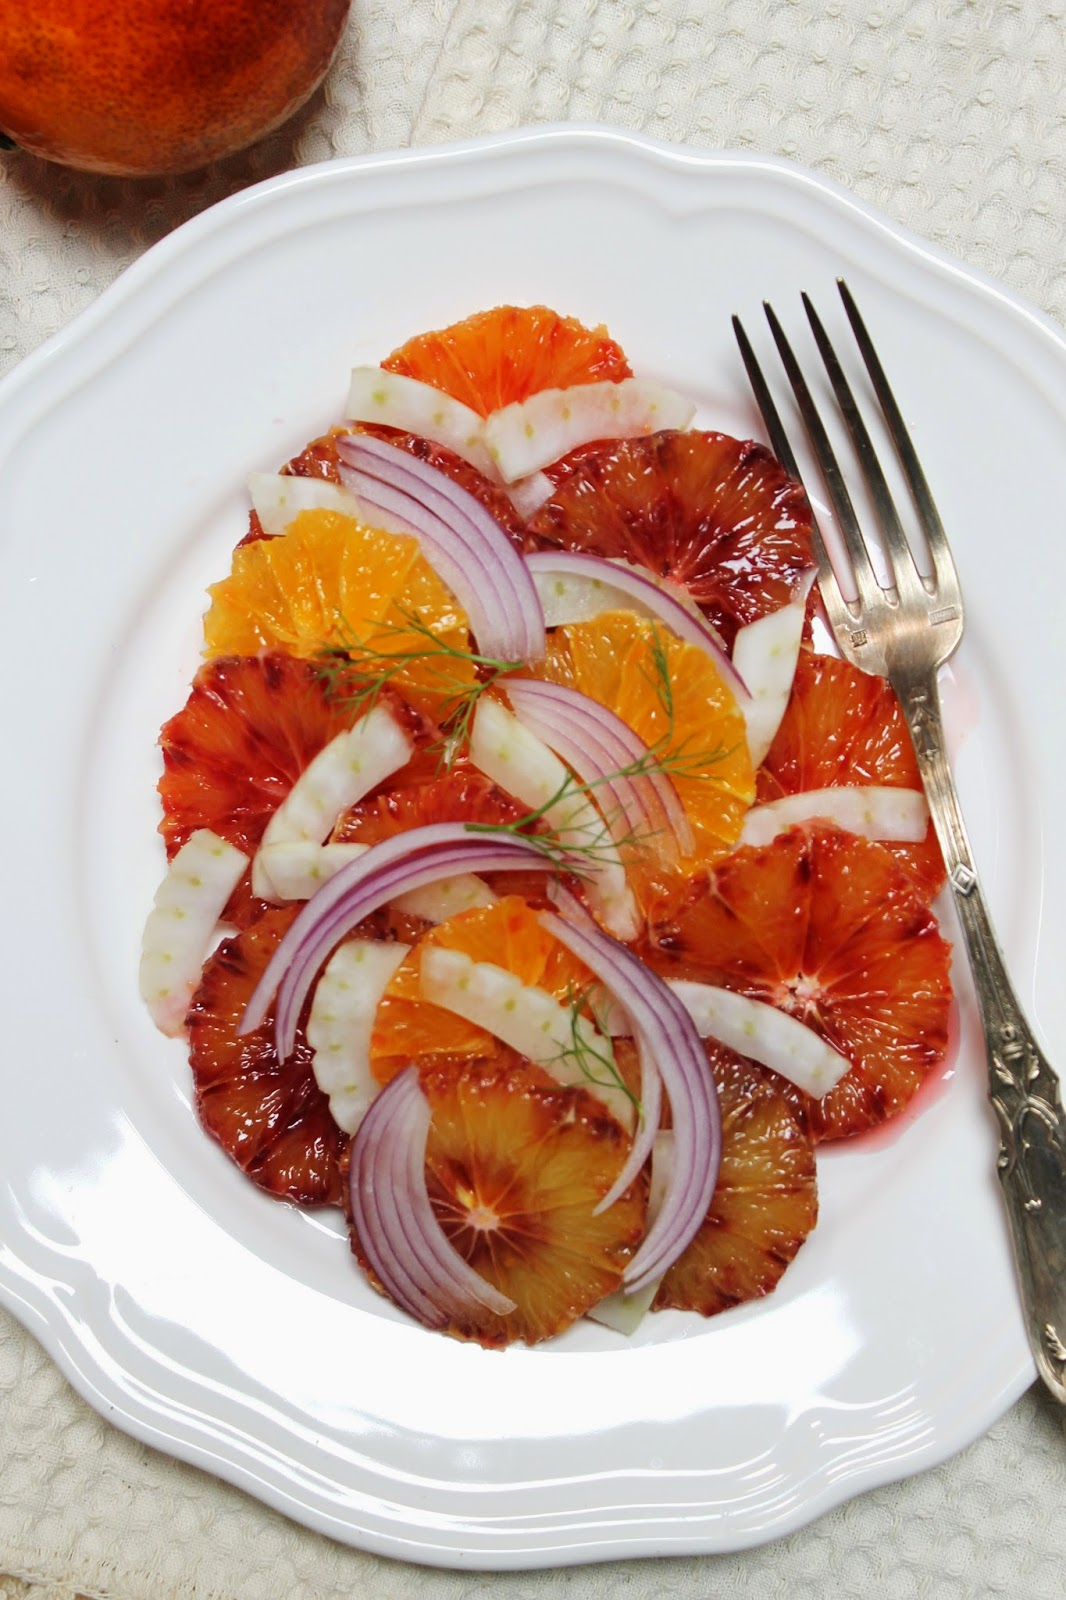 Salade d oranges la sicilienne blogs de cuisine - Blog cuisine sicilienne ...